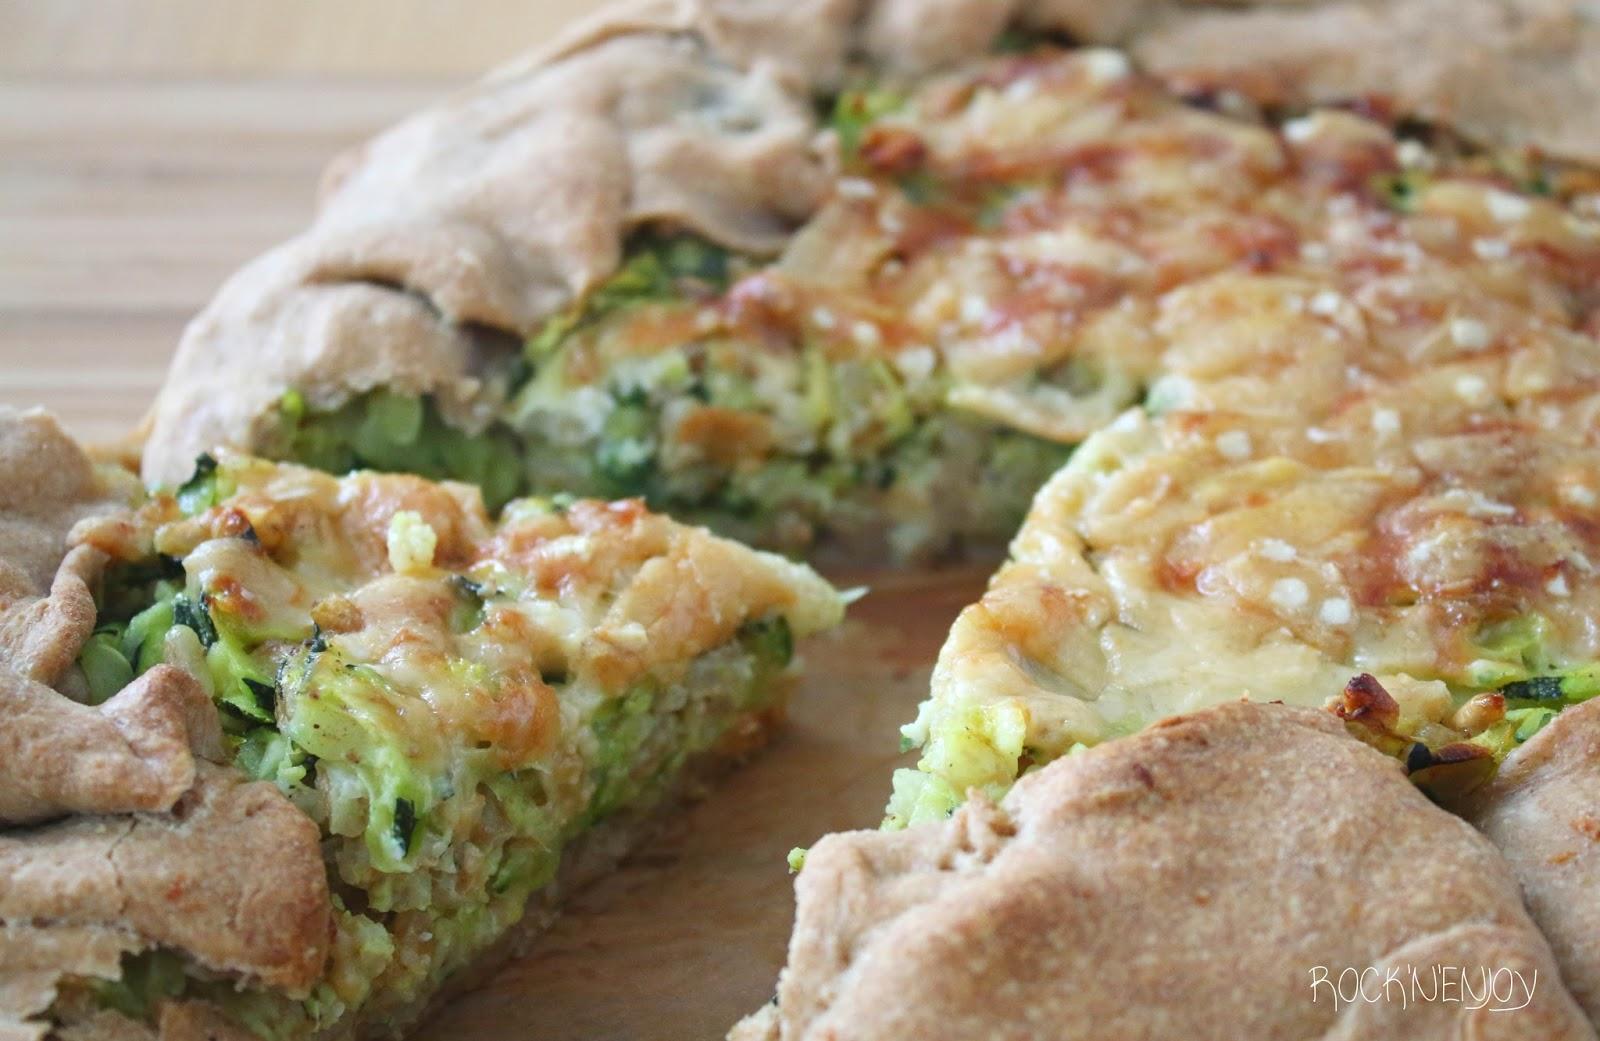 Rock N Enjoy Pikanter Zucchinikuchen Auch Vegan Zubereitbar